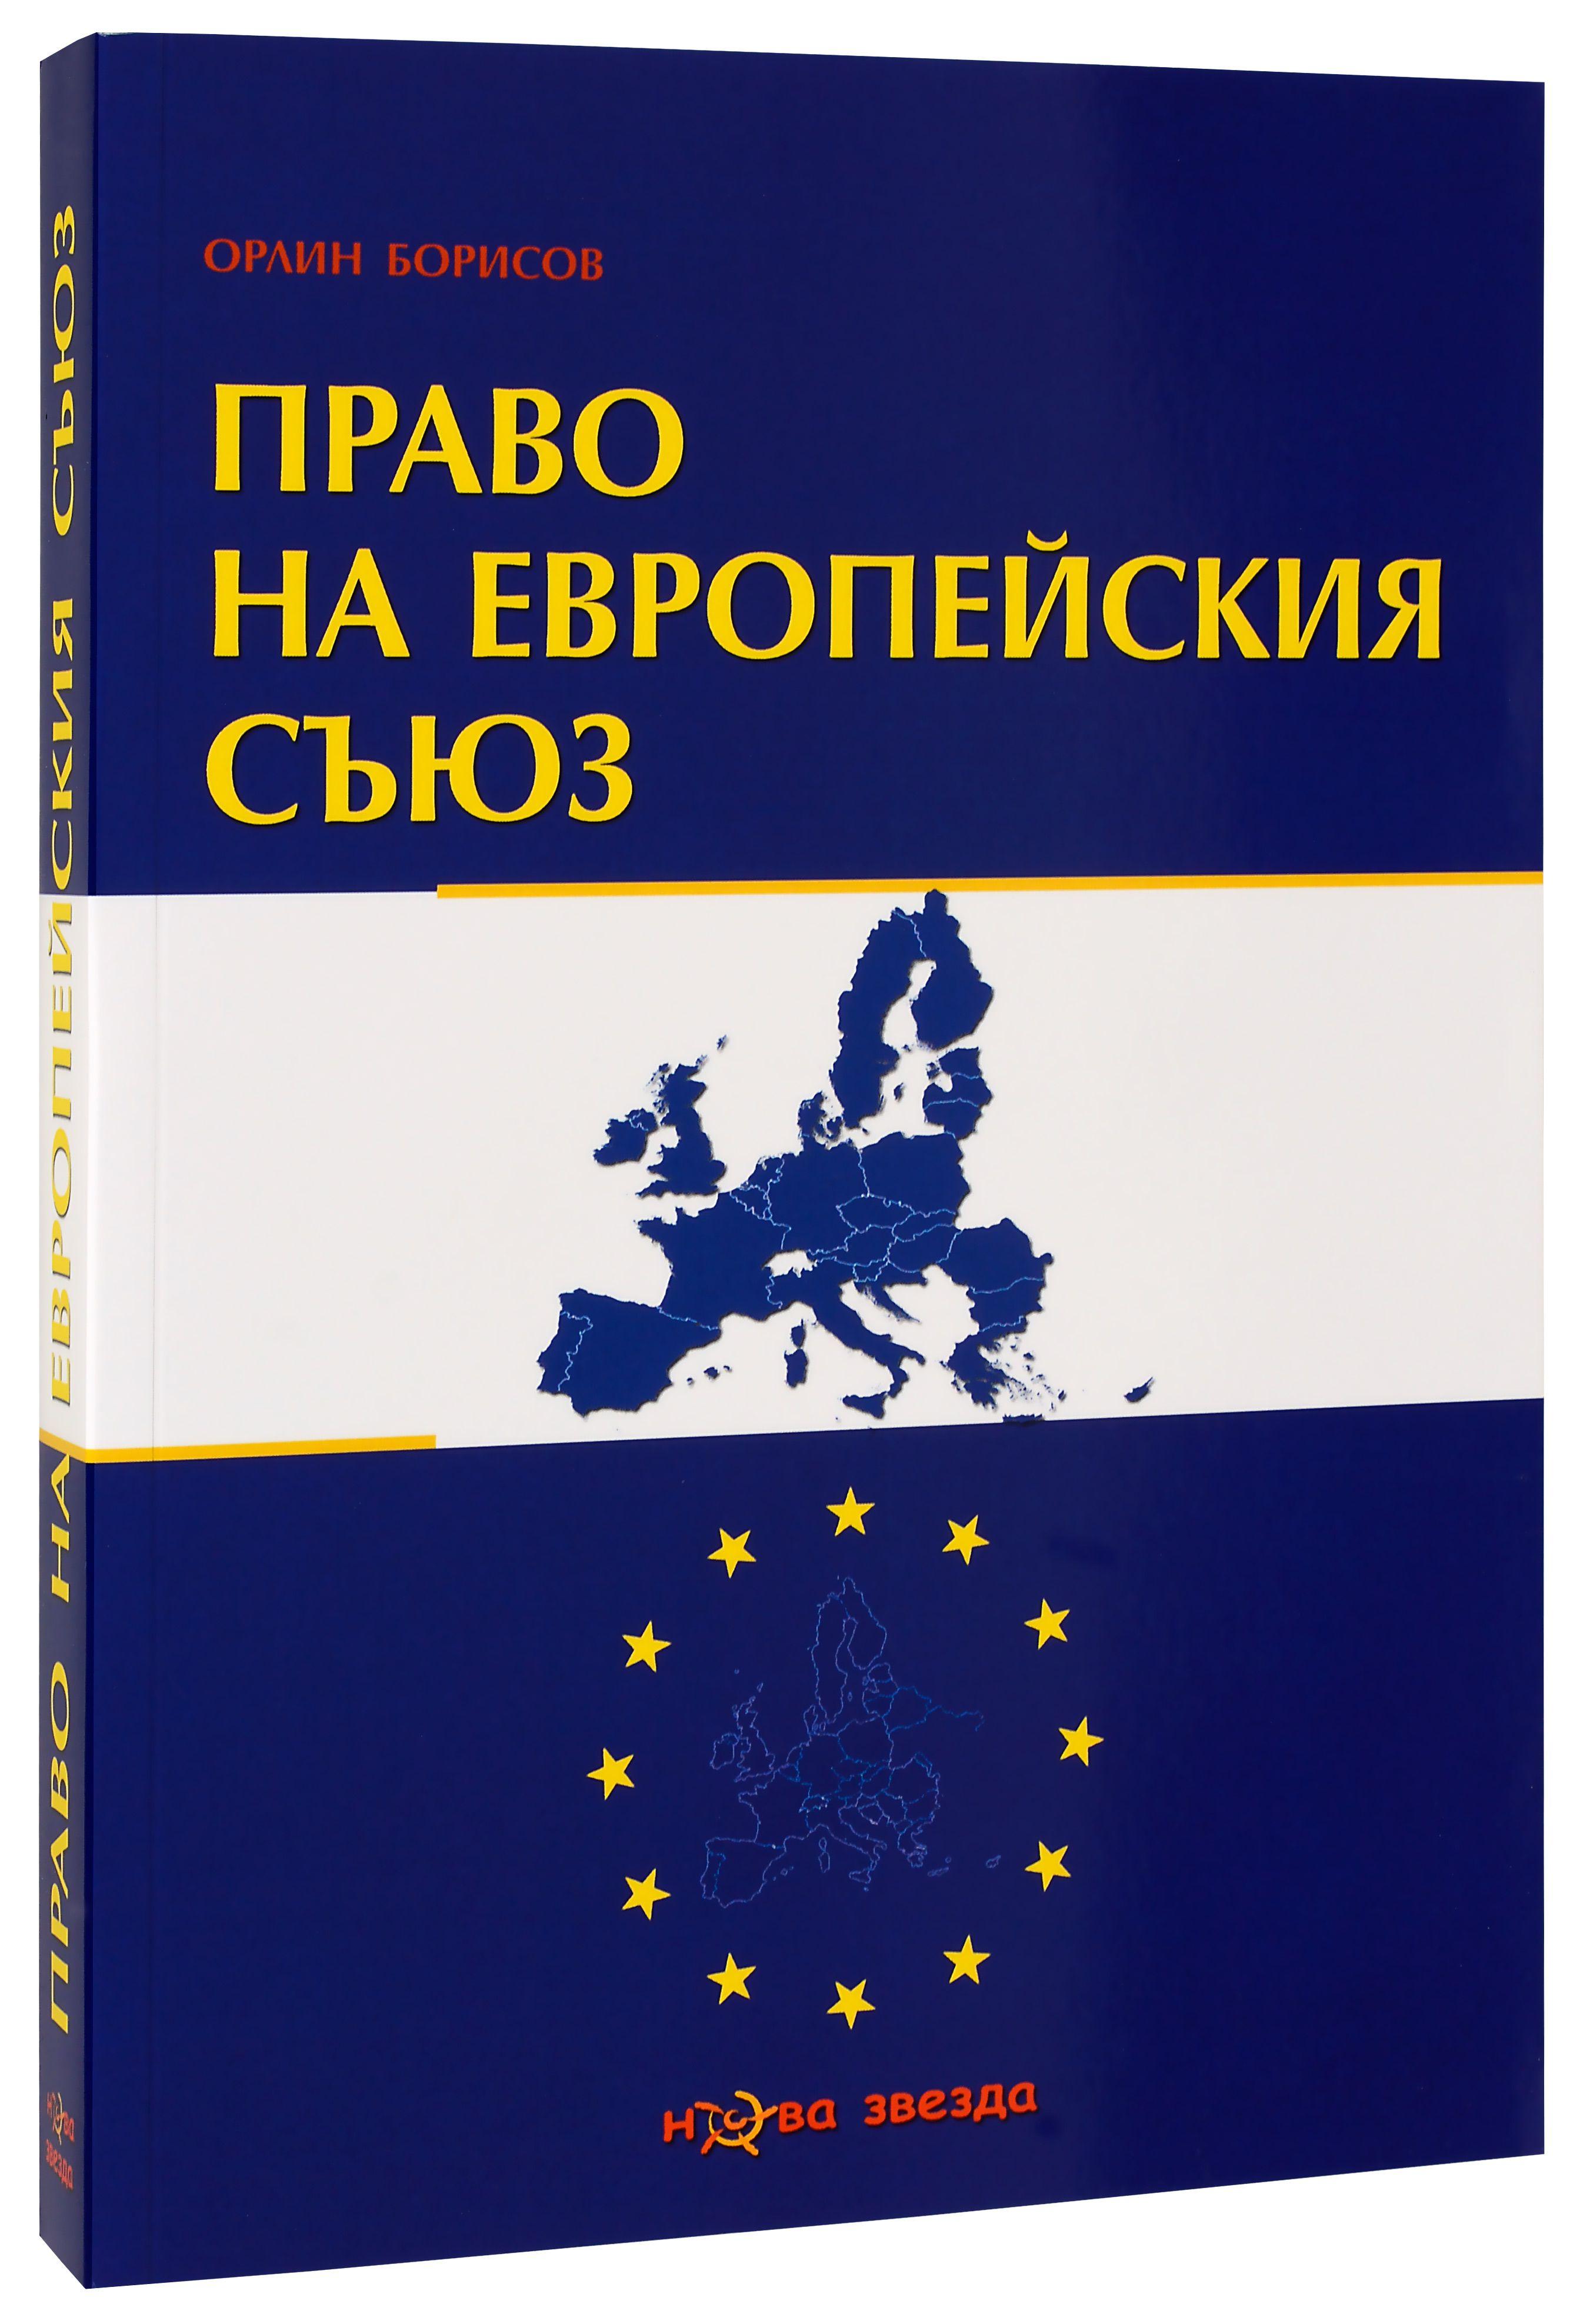 pravo-na-evropejskija-s-juz-1 - 2